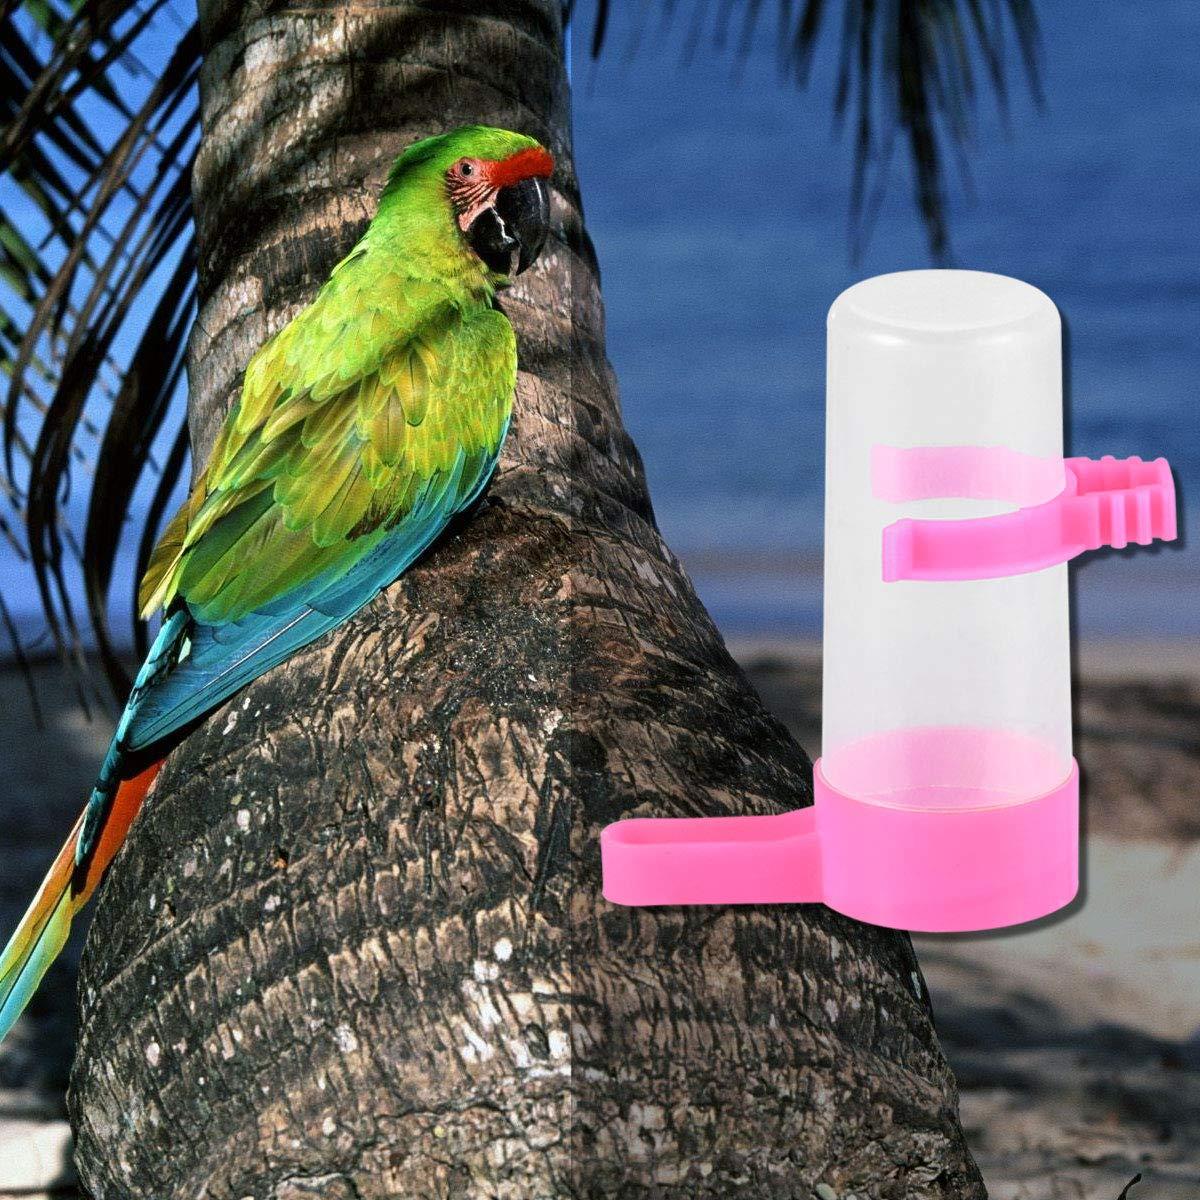 POPETPOP 10 Piezas Bebedero de Pájaros Automático para Loros Mascotas (Color al Azar): Amazon.es: Productos para mascotas